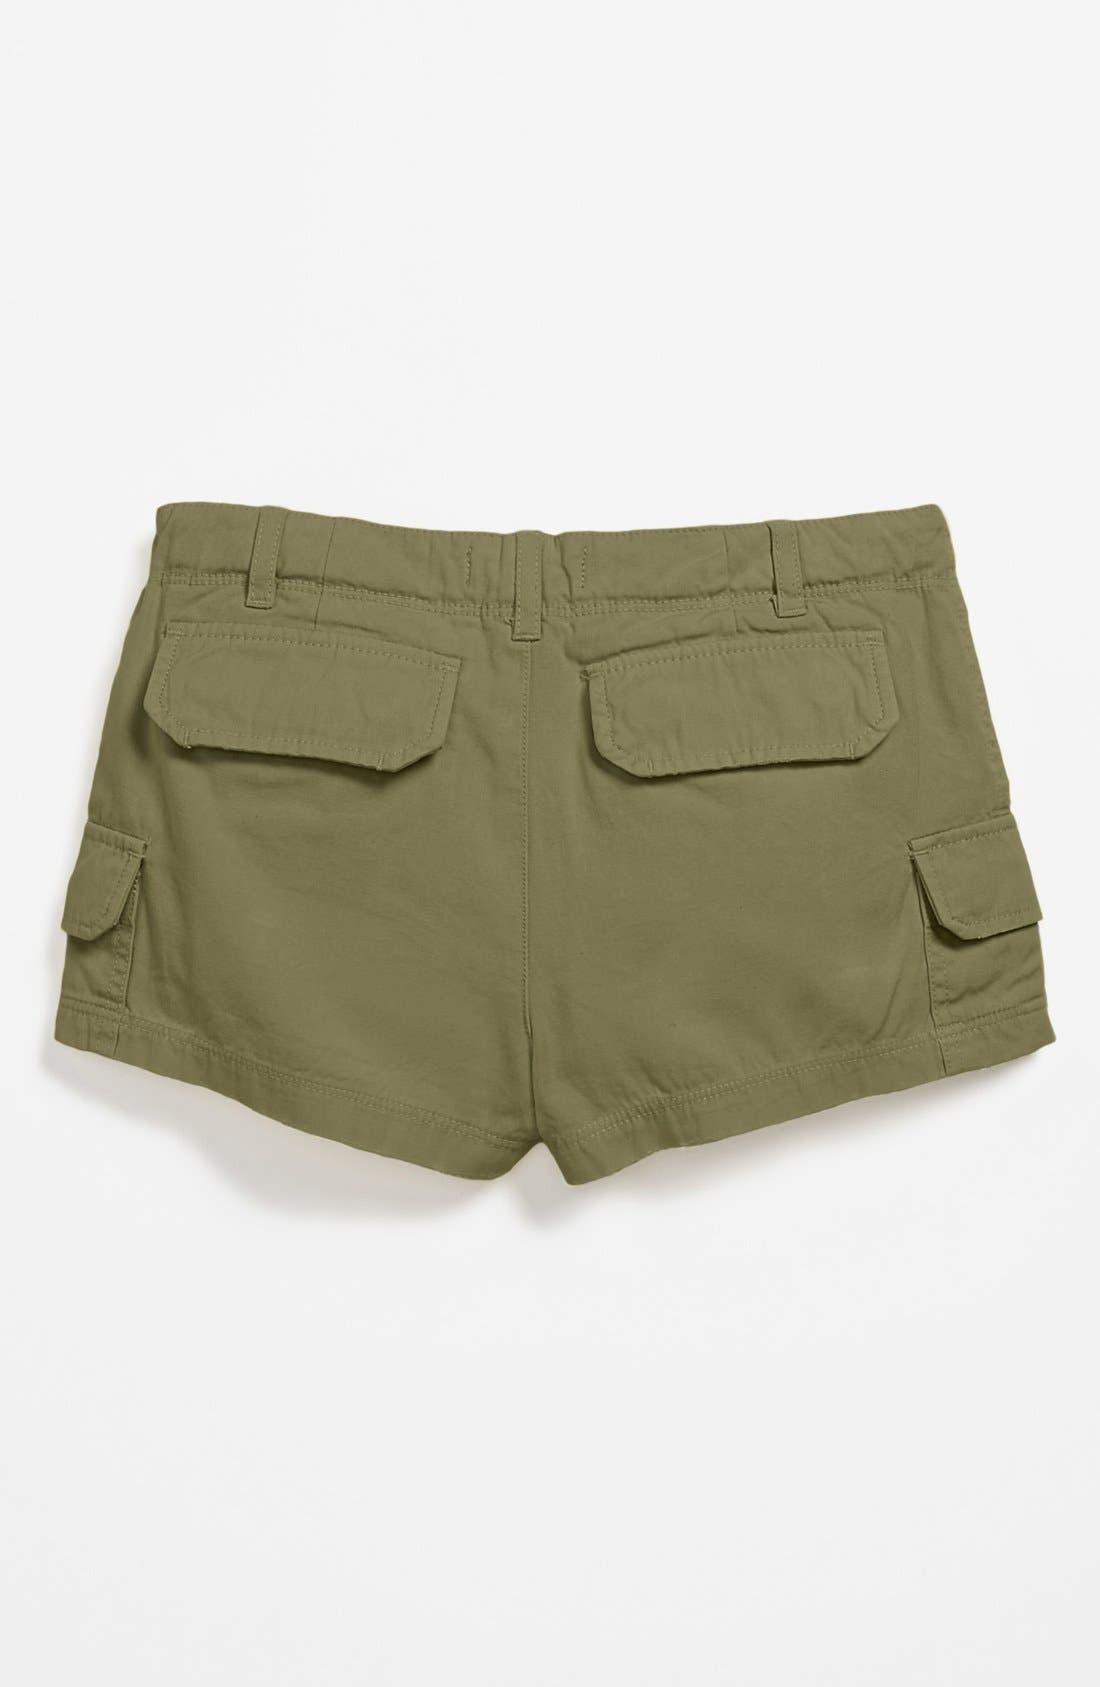 Main Image - Peek 'Stella' Cargo Shorts (Big Girls)